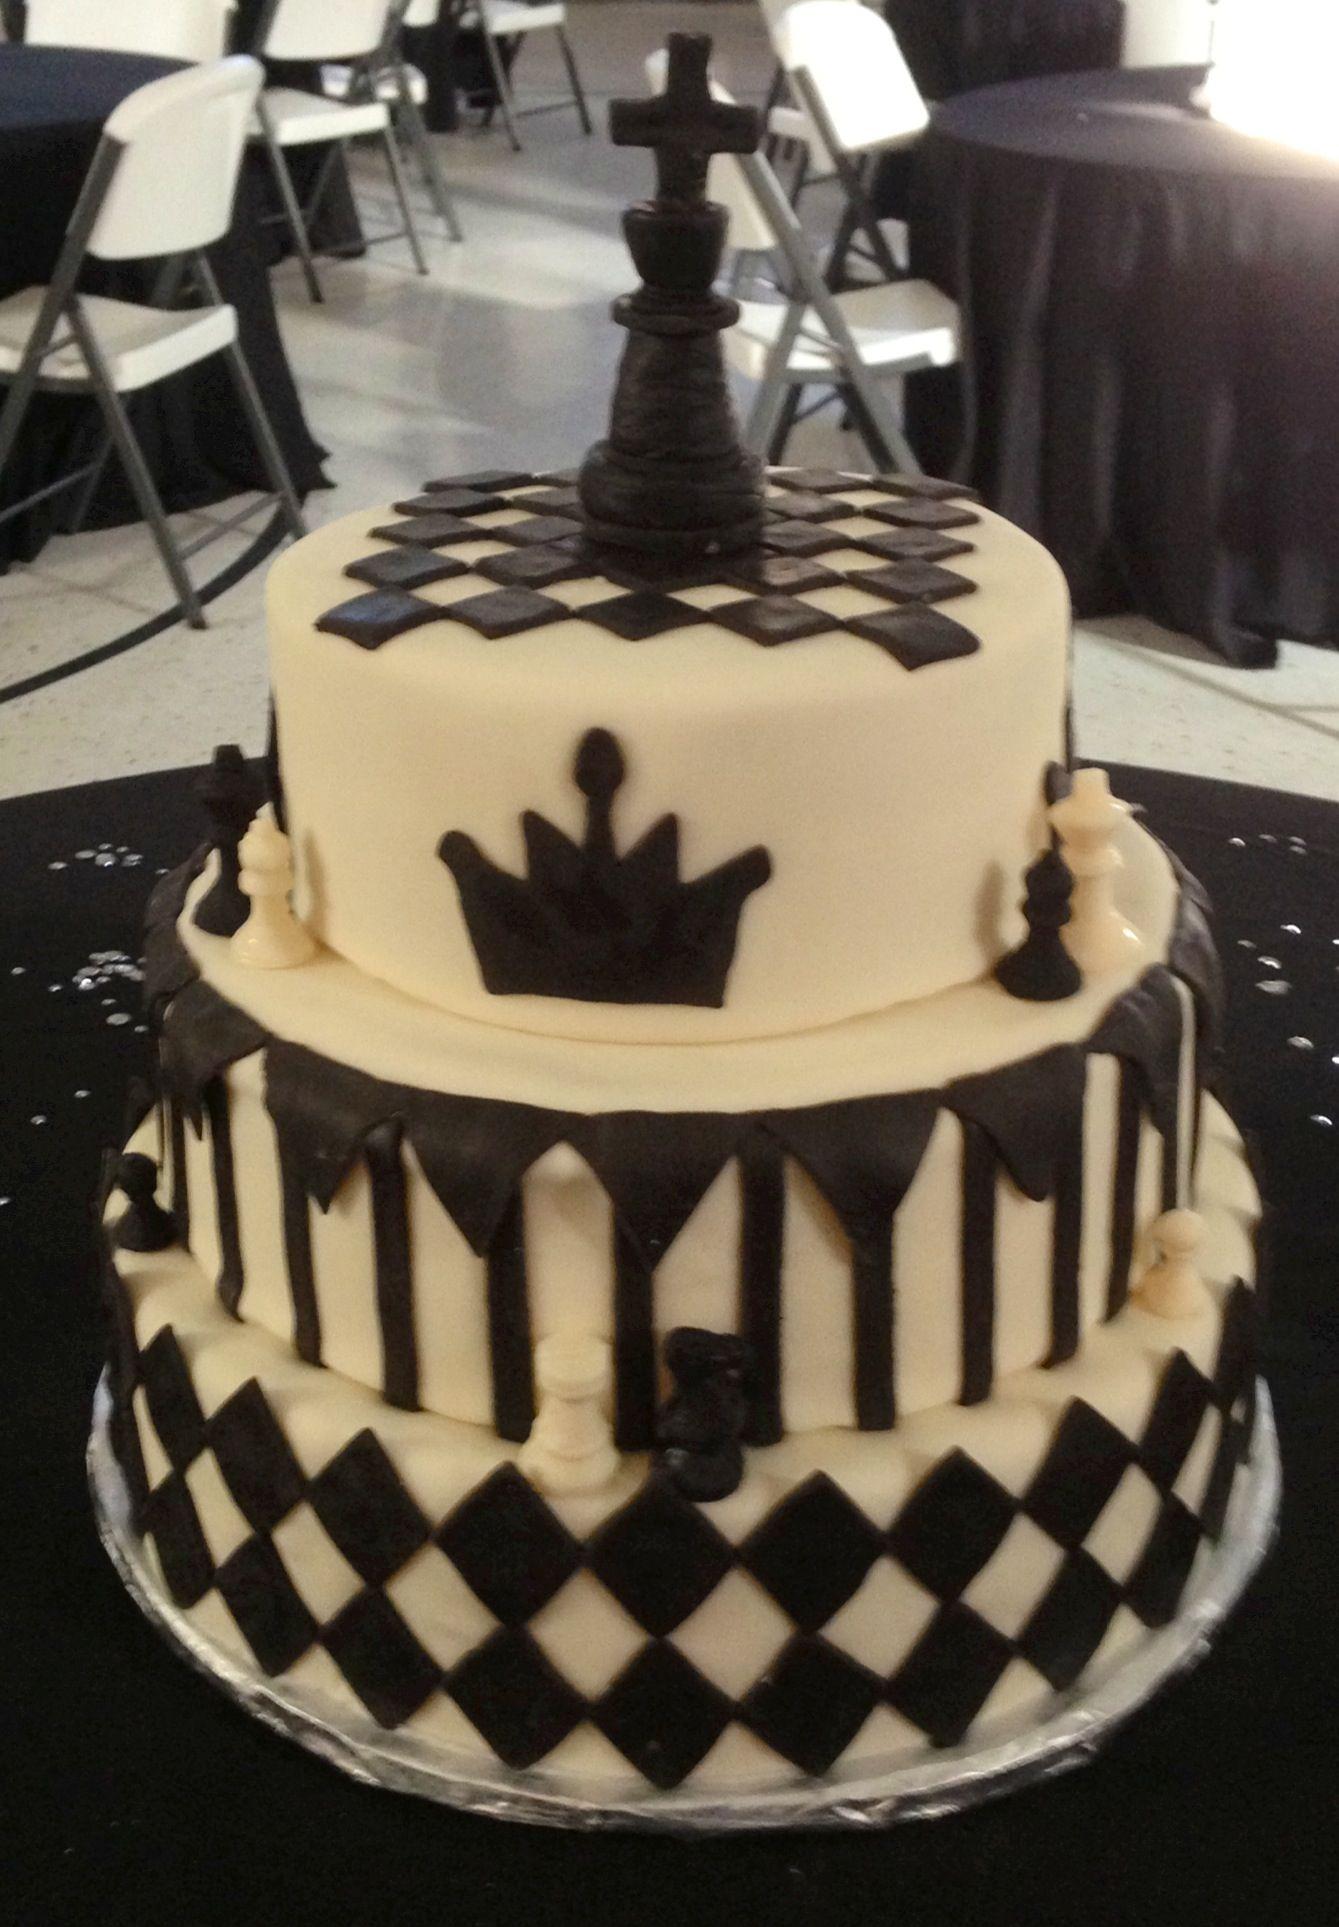 Chess cake  Food  Drink  Chess cake Cake Birthday Cake